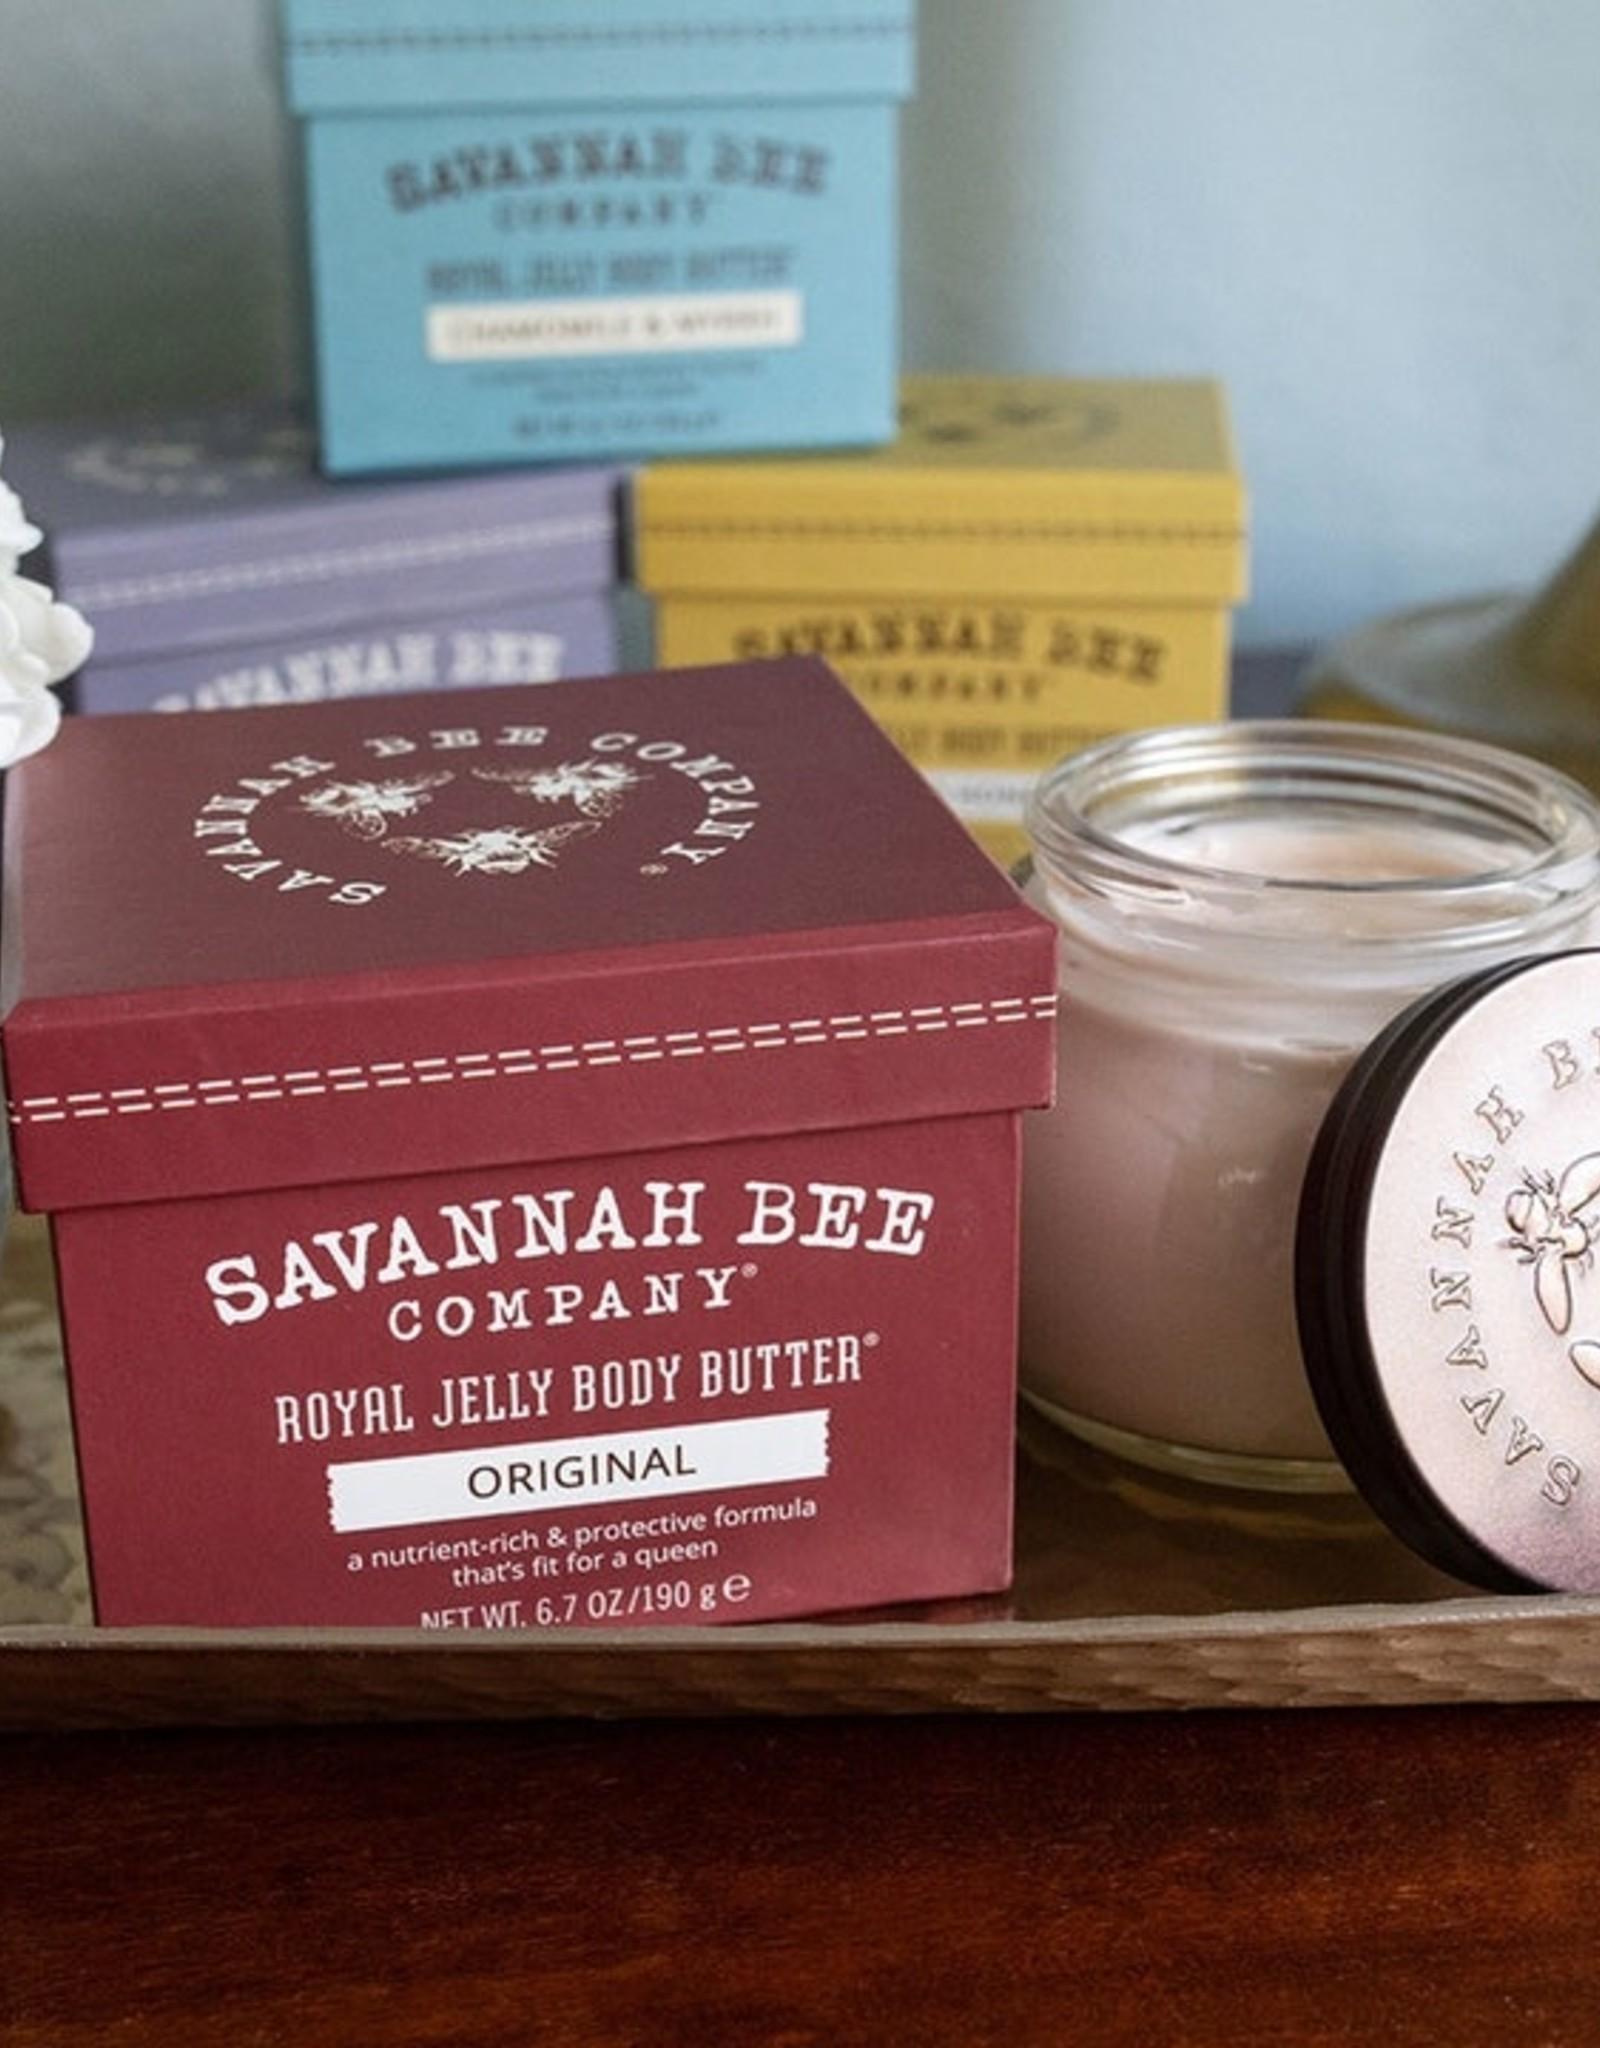 Savannah Bee Company Royal Jelly Body Butter®